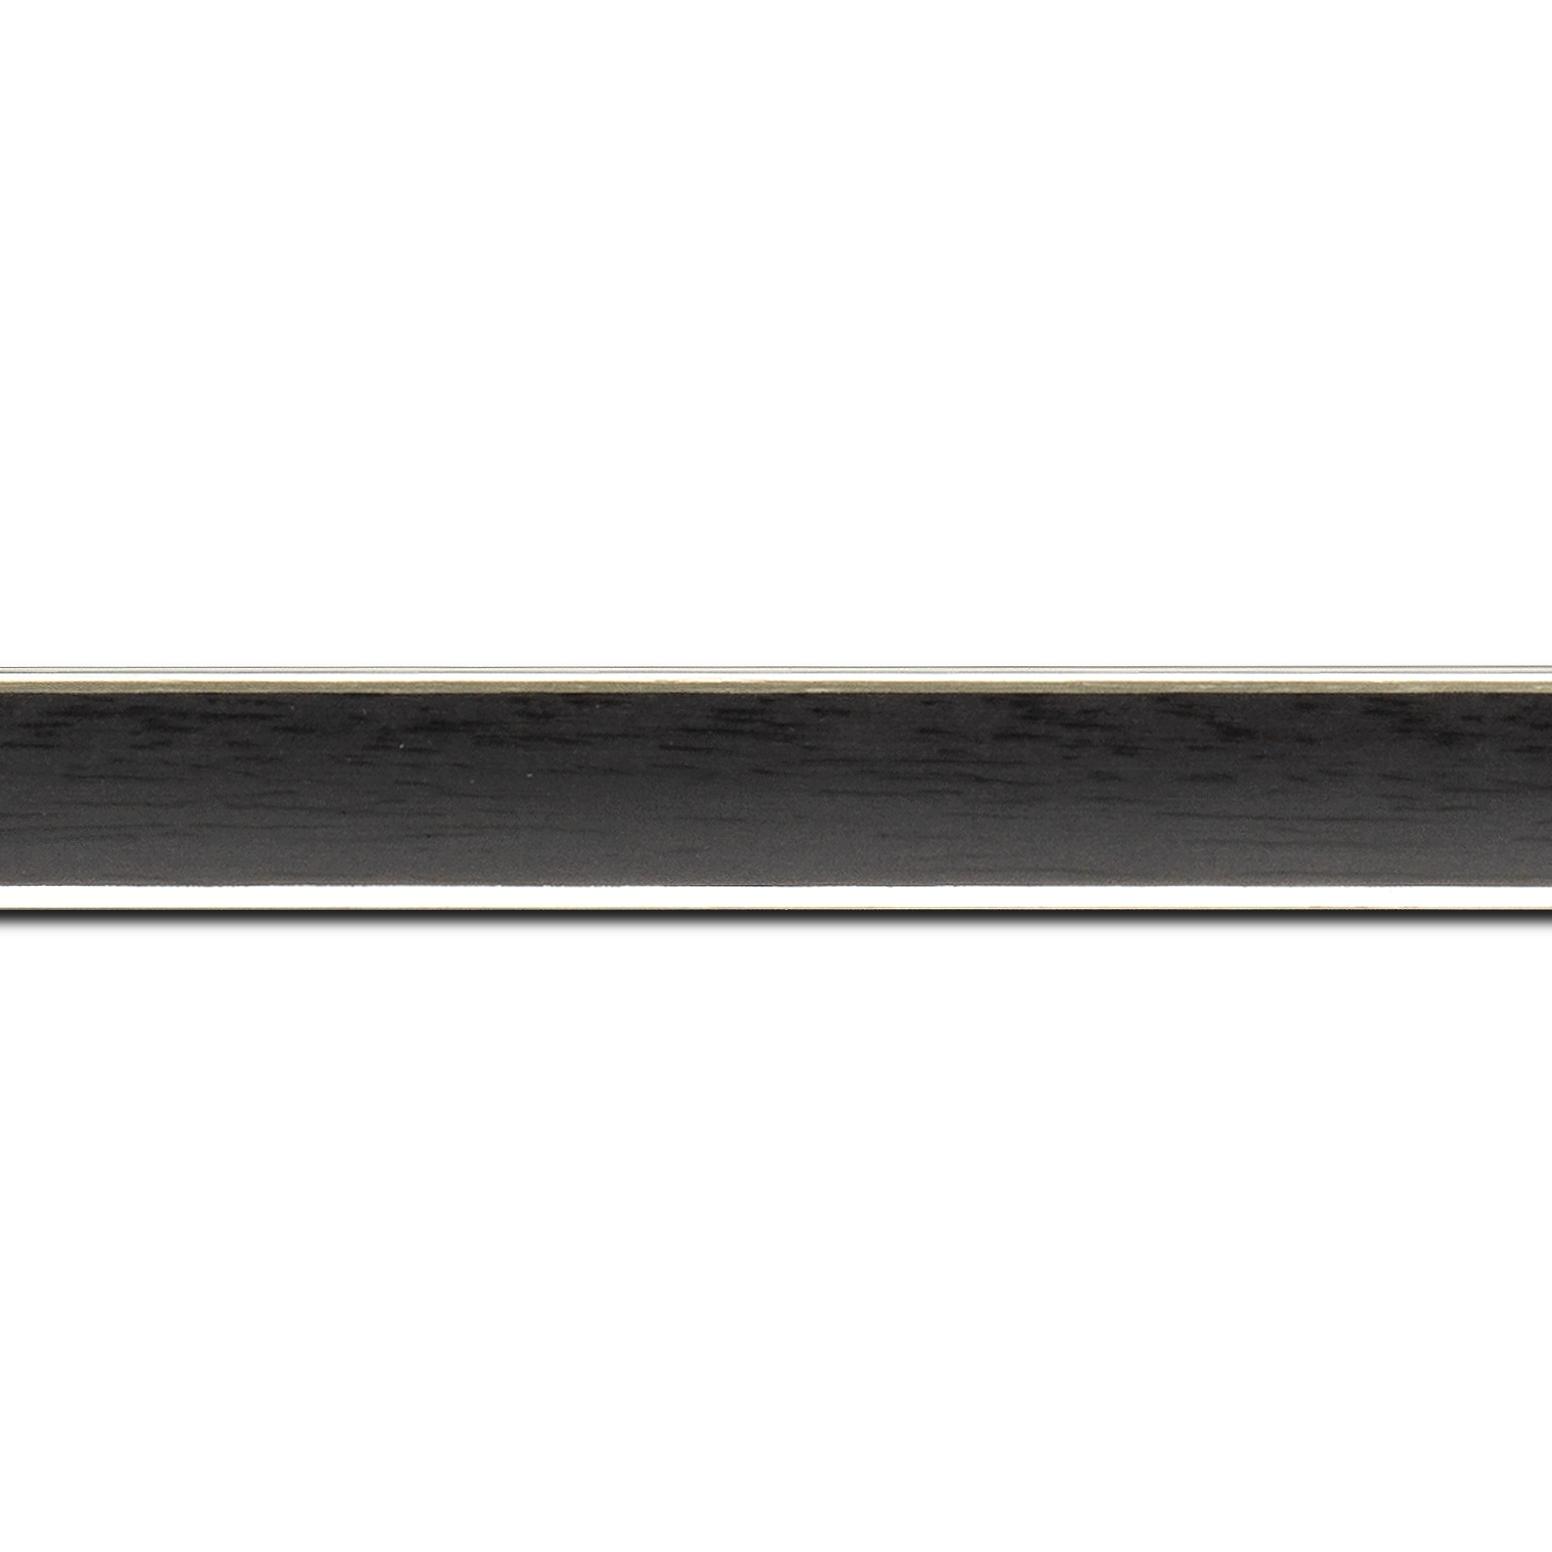 Baguette longueur 1.40m bois profil concave largeur 2.4cm couleur noir  satiné  filet argent de chaque coté (pore du bois apparent)